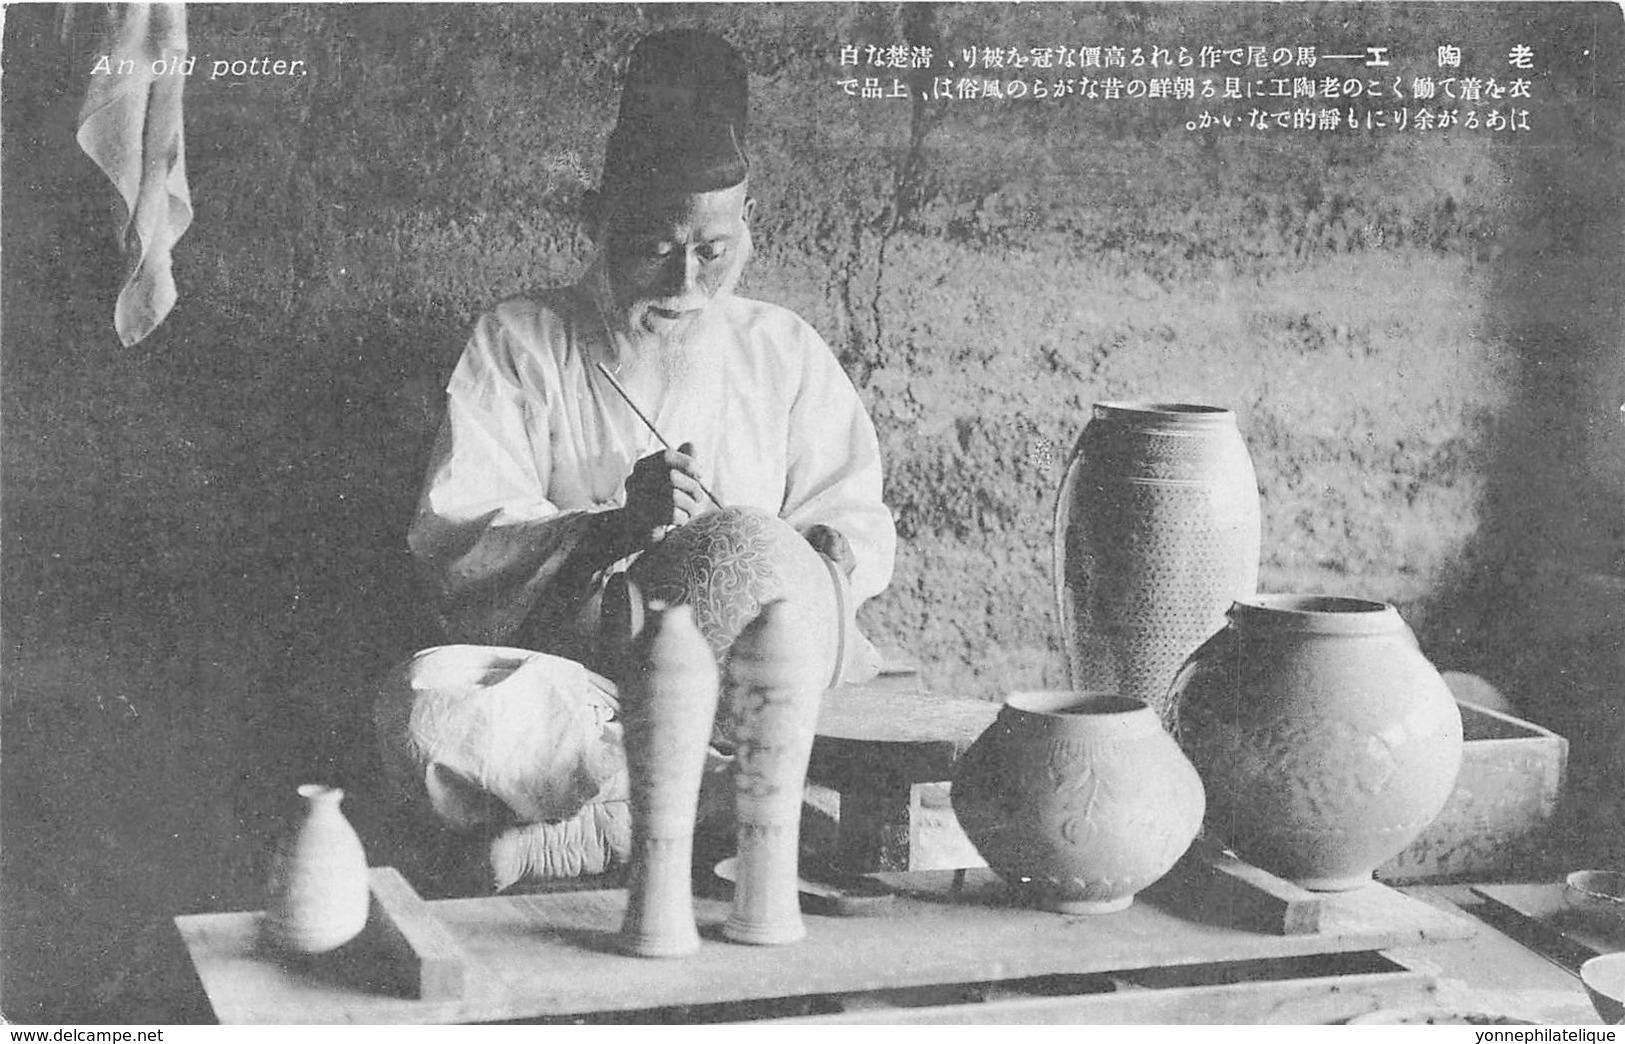 Corée - Korea  / 18 - An Old Potter - Corée Du Sud